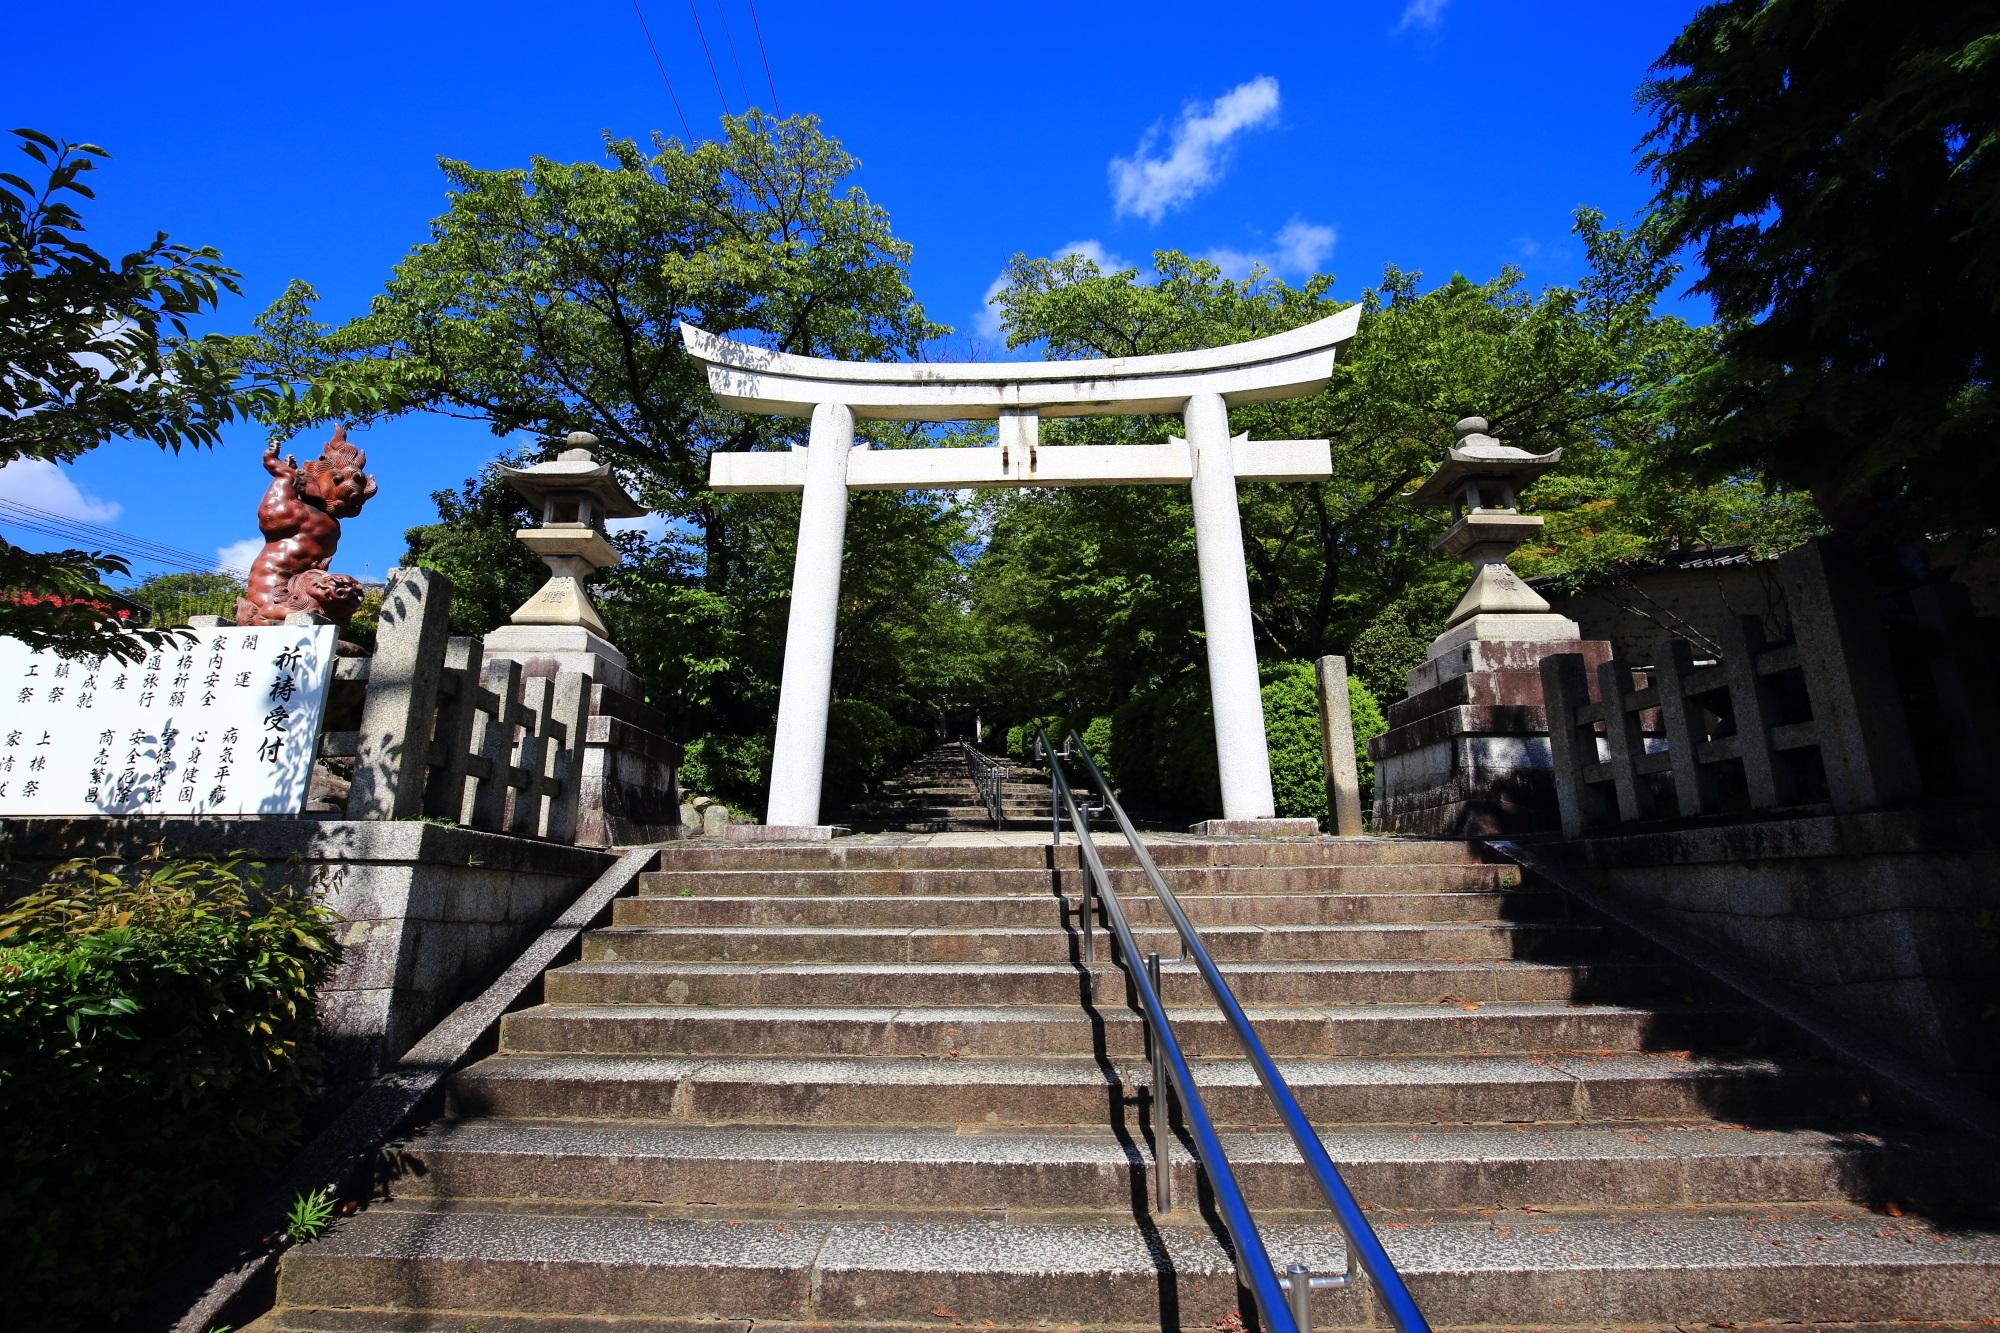 宗忠神社の鳥居と石段